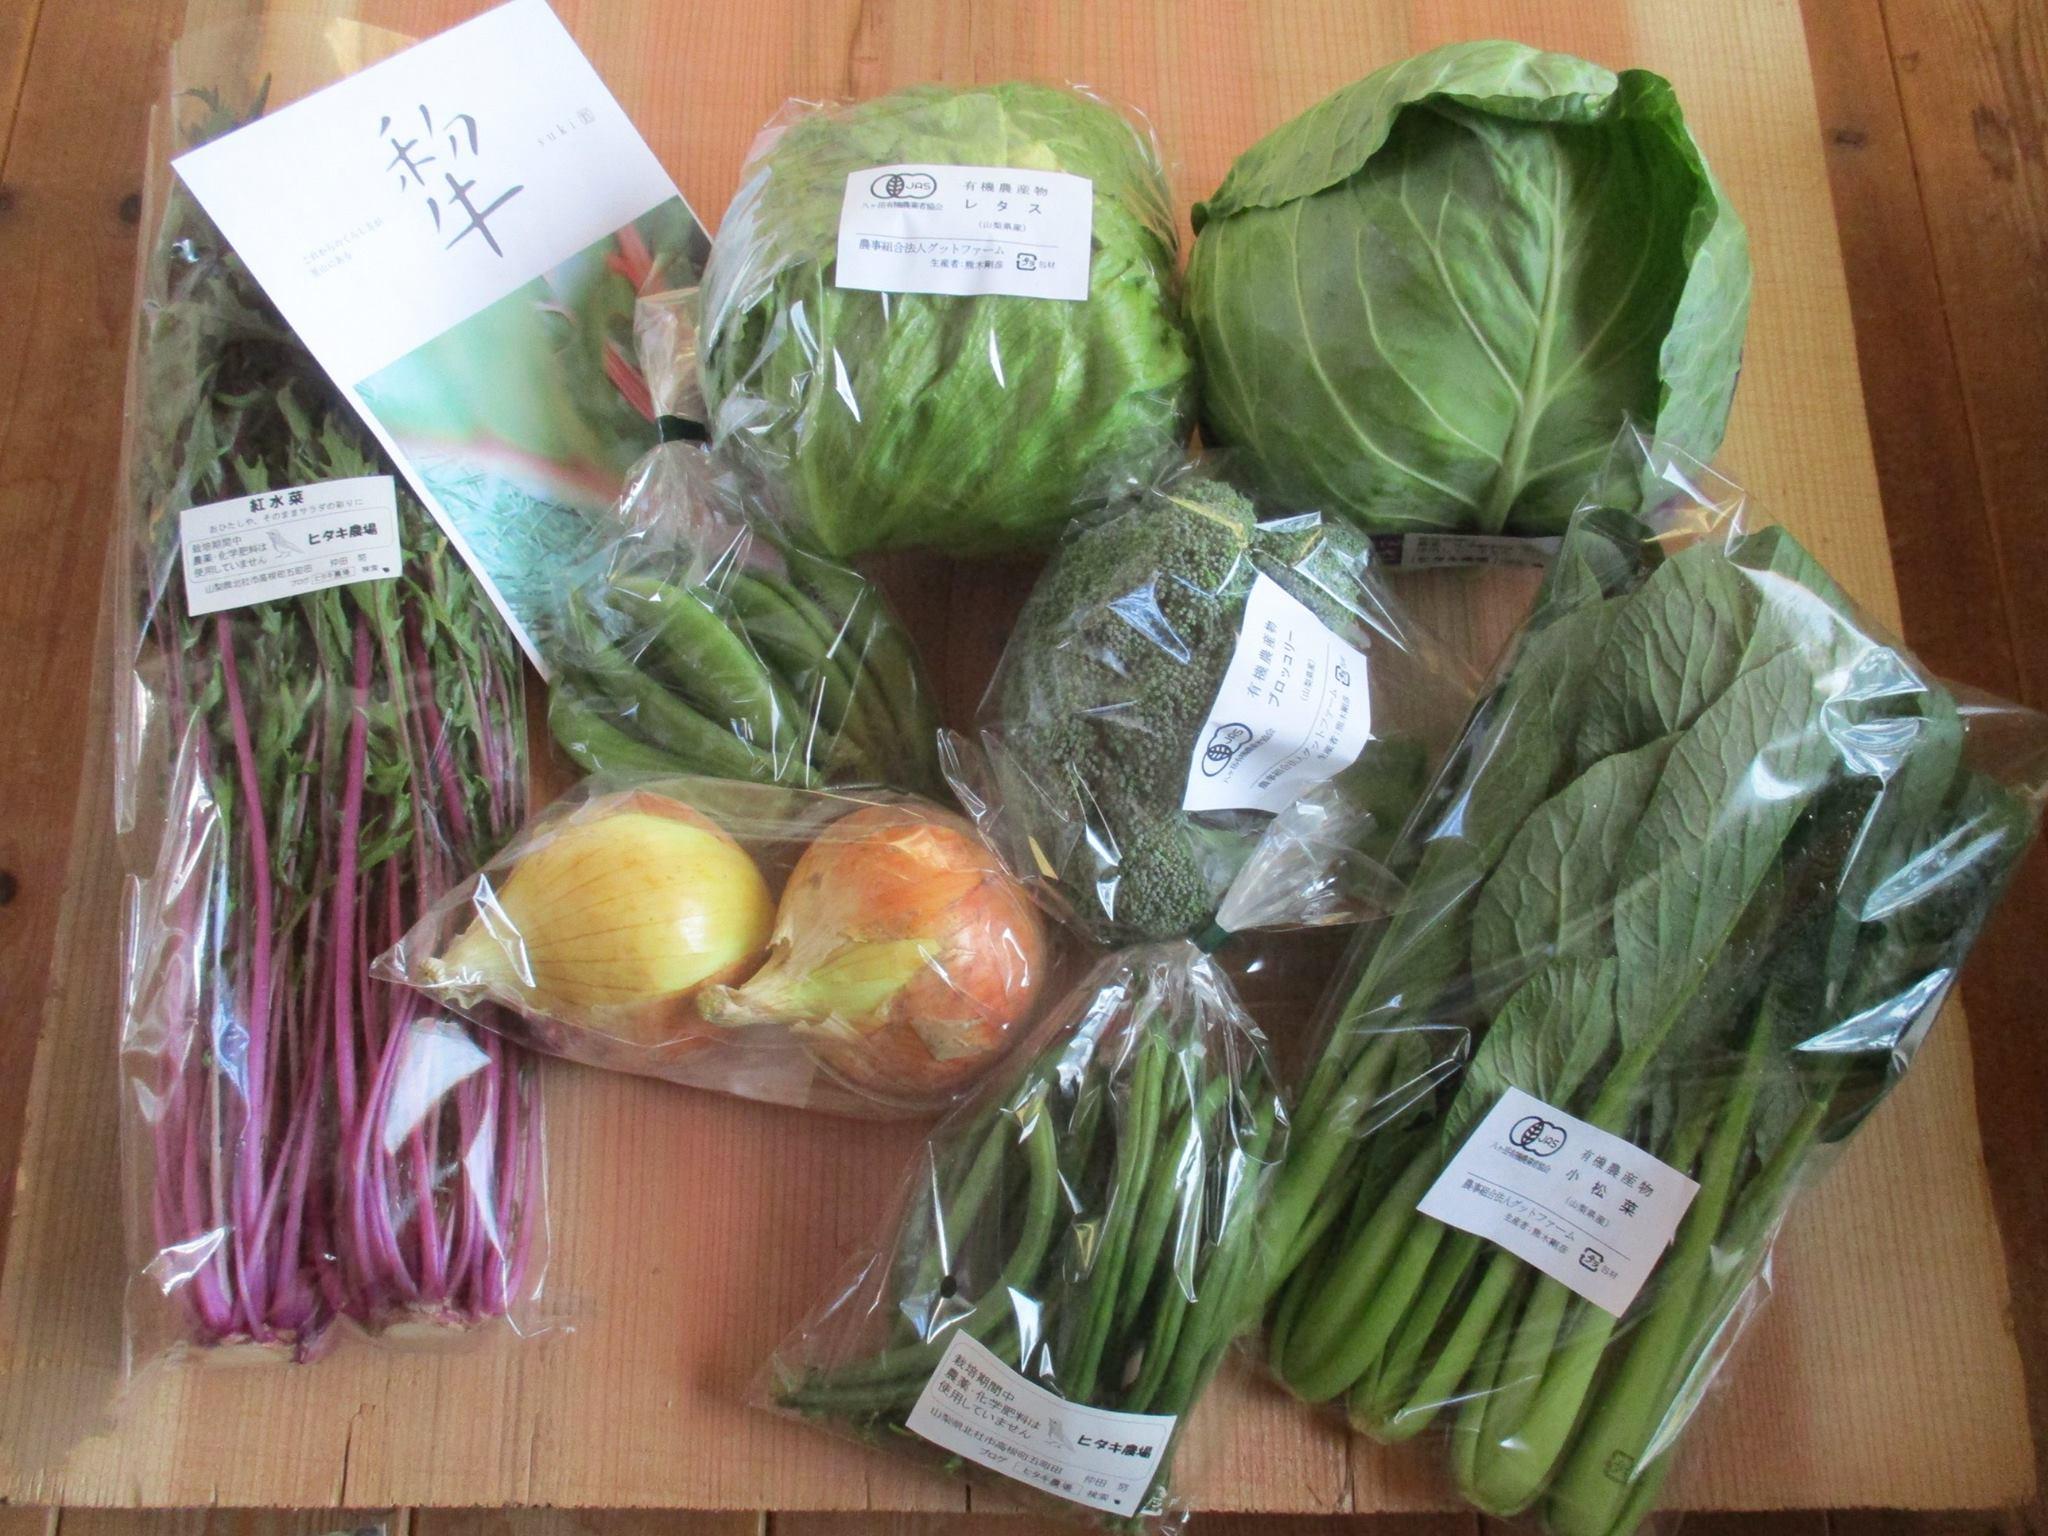 北杜市ふるさと応援団の野菜ボックスの発送をしました